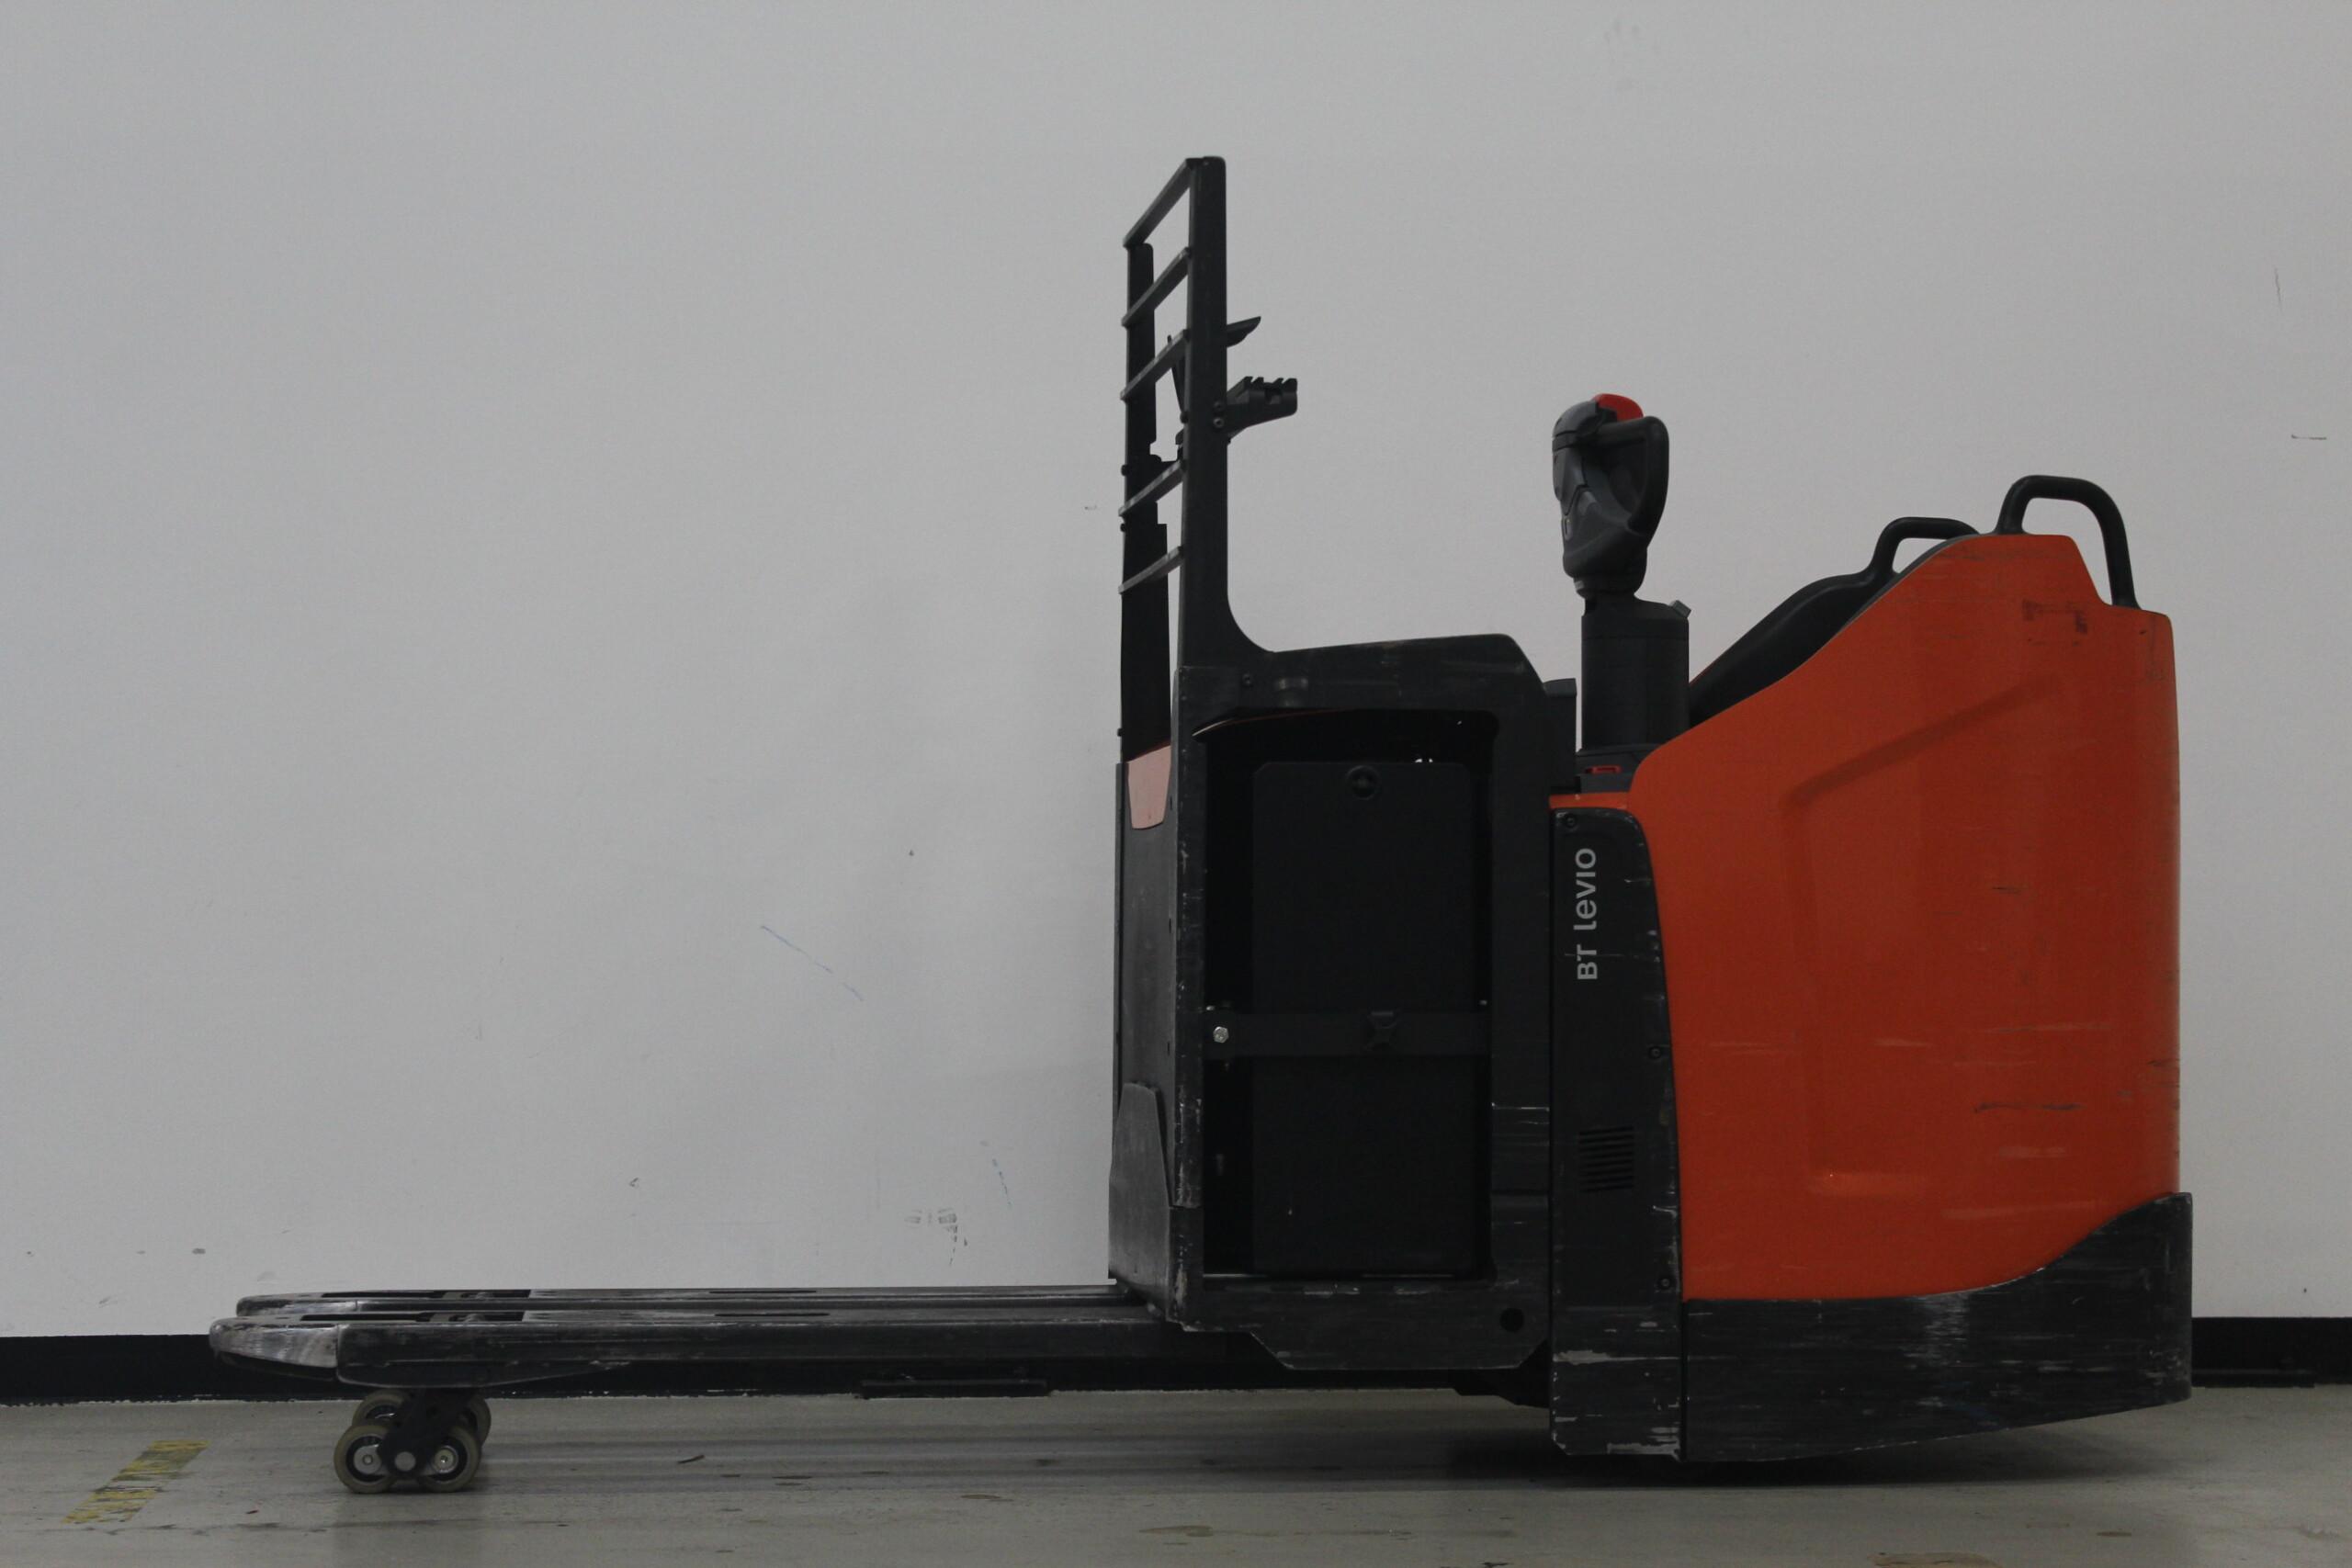 Toyota-Gabelstapler-59840 1805026638 1 51 scaled